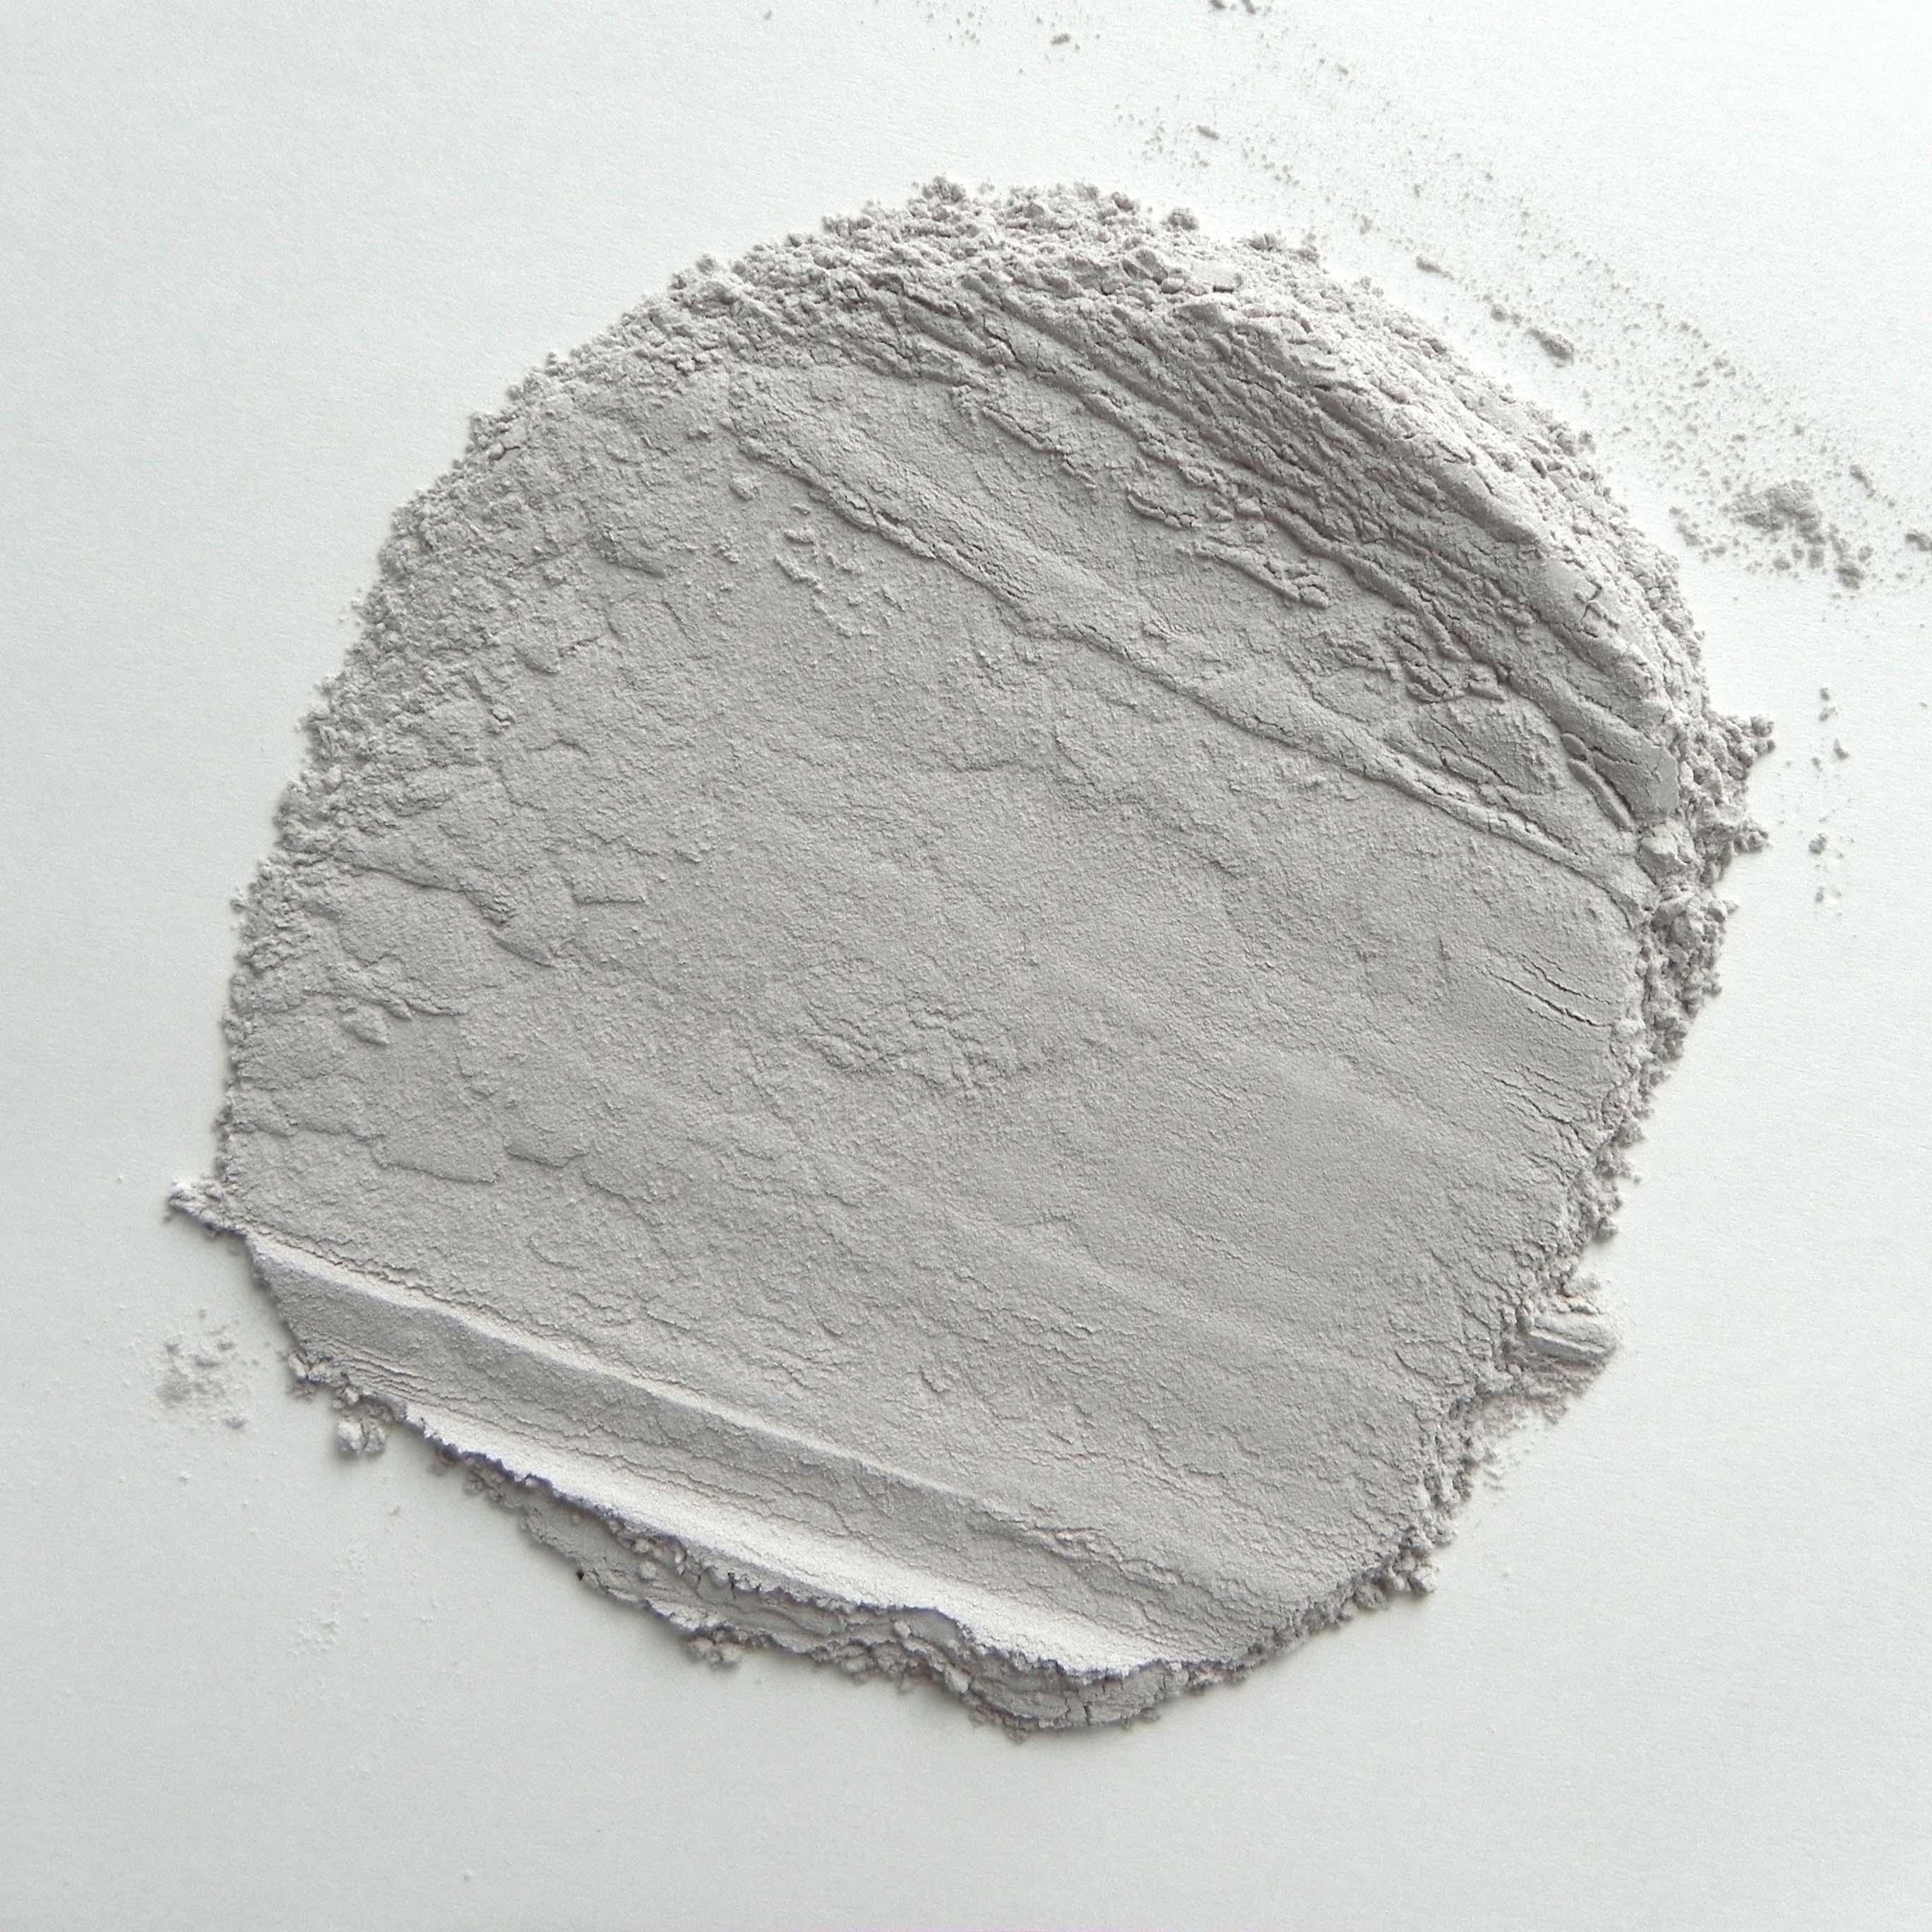 锆英粉的指标和用途有哪些?